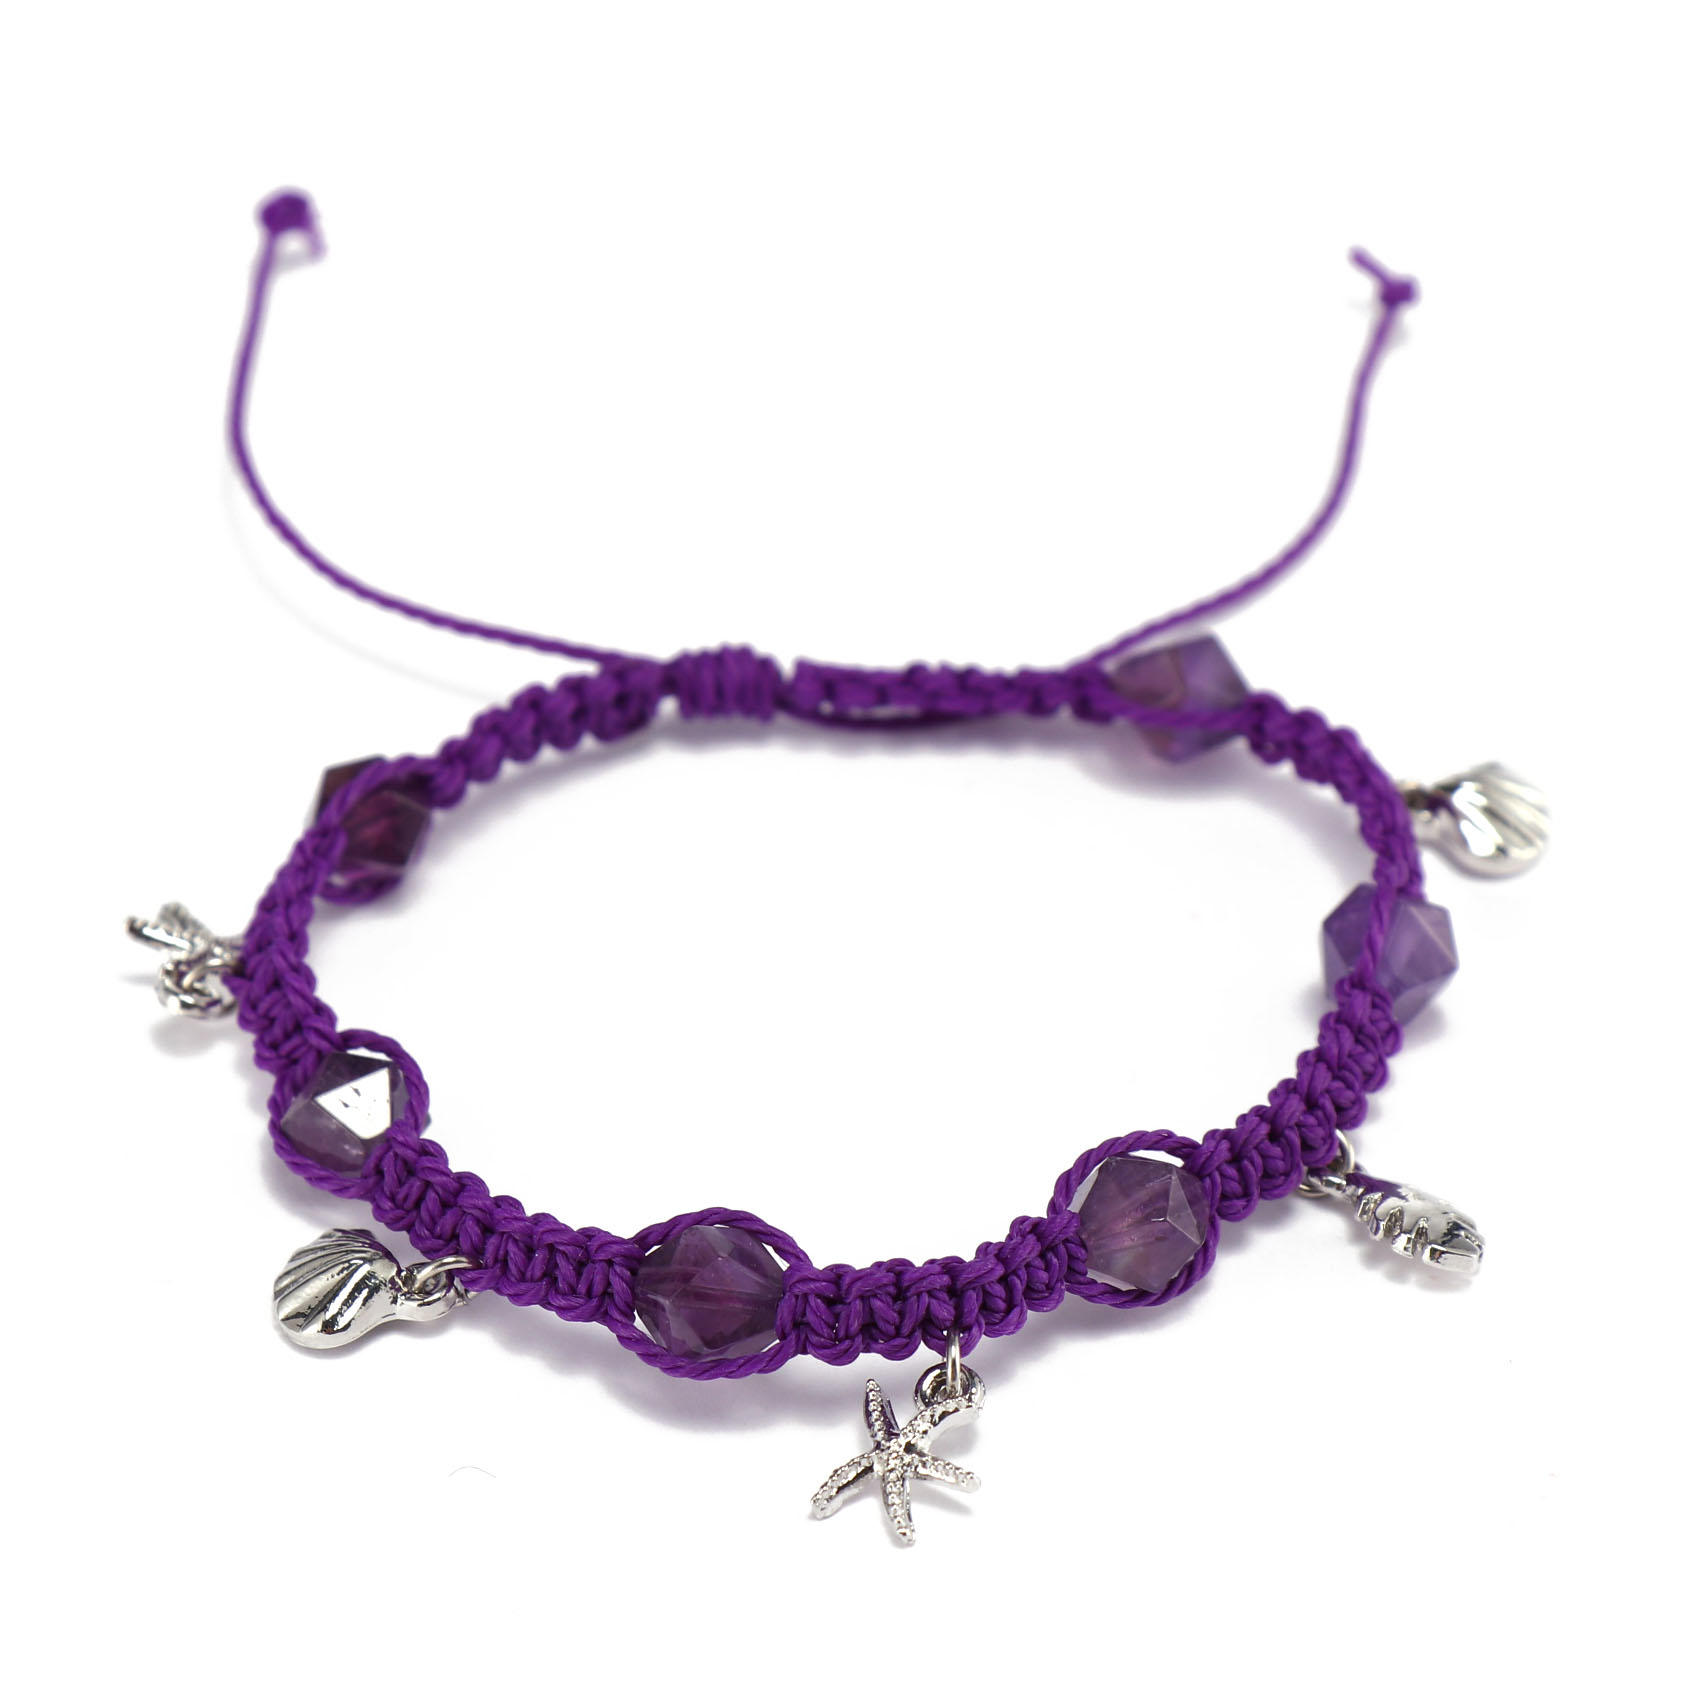 TTT Jewelry Brand  supplier